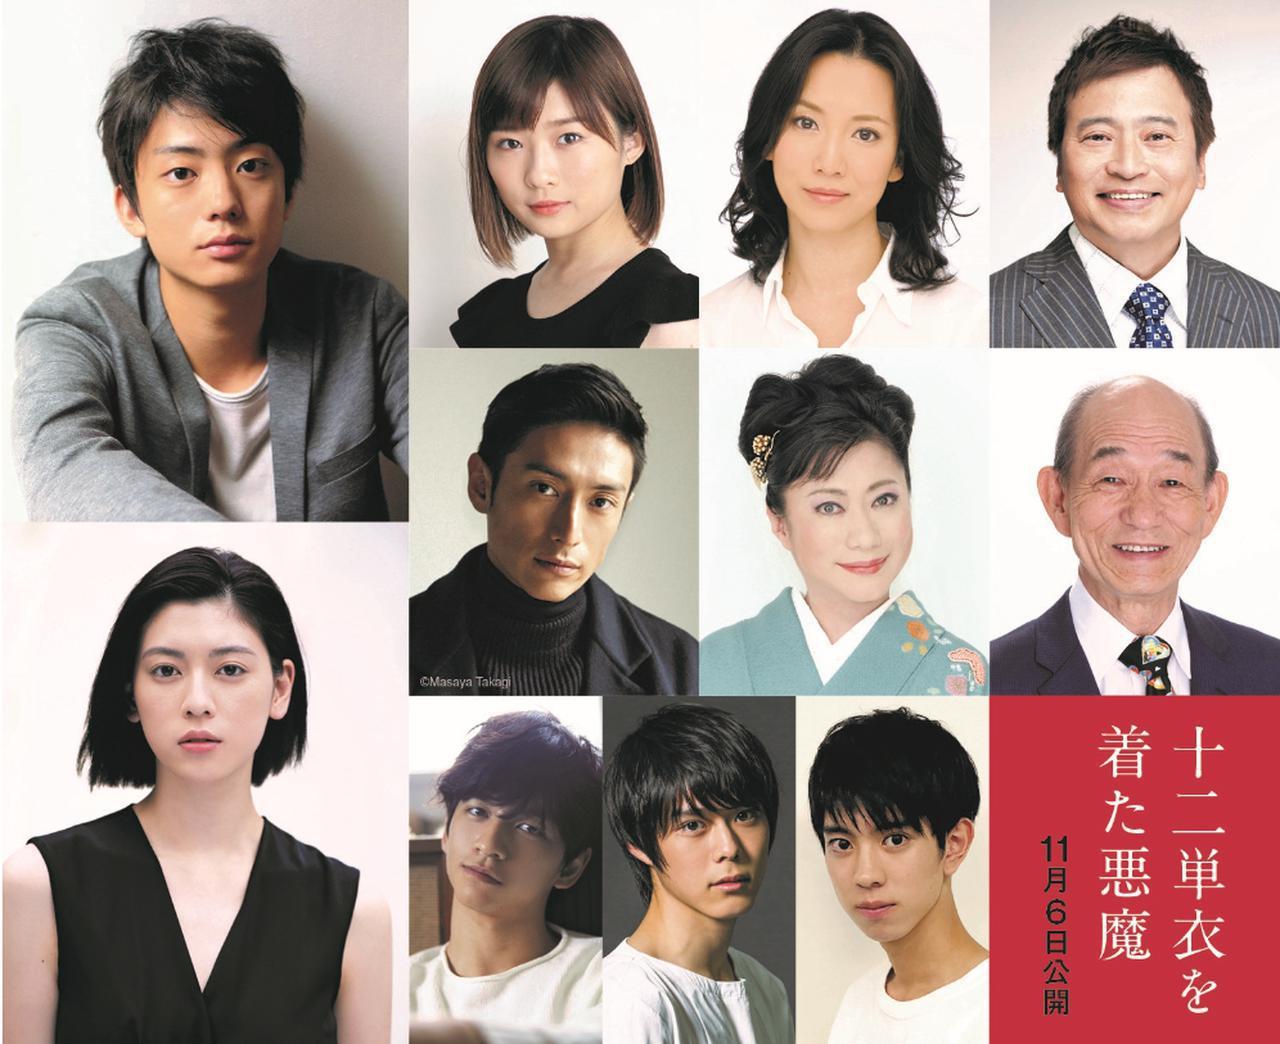 画像: 現実と源氏物語の世界を彩る11人の豪華キャストを一挙解禁!